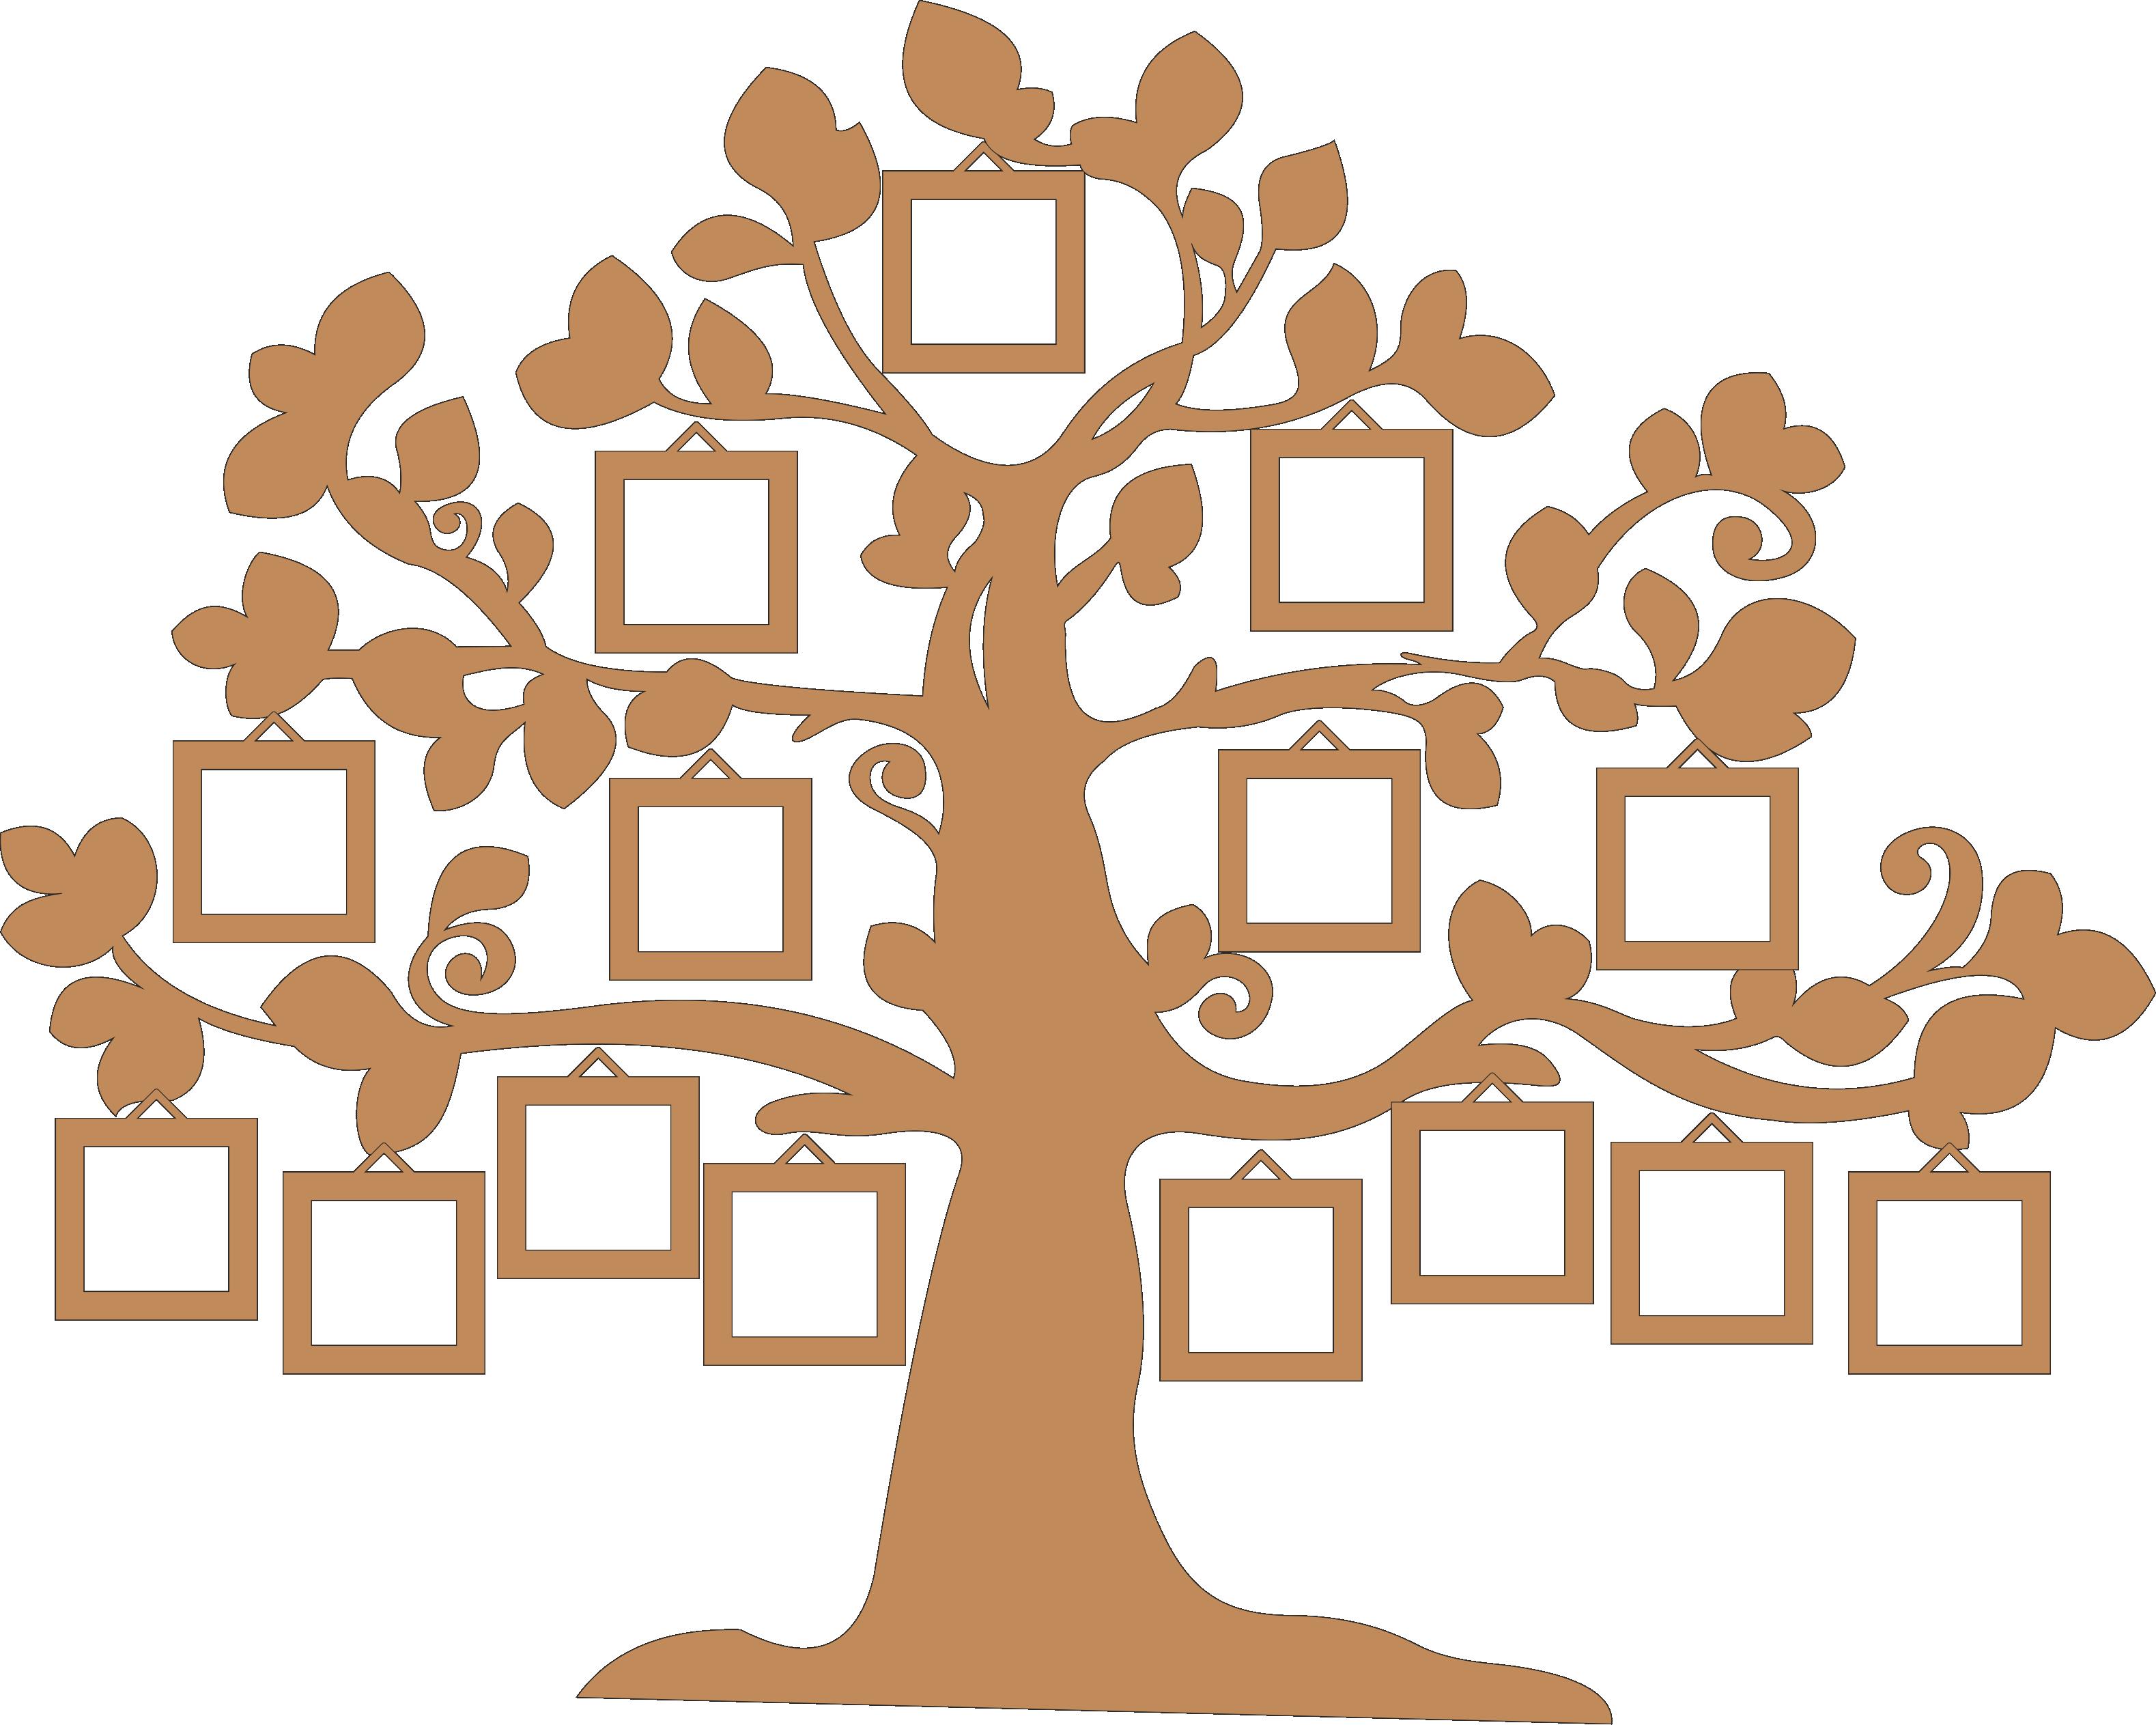 Как нарисовать семейное дерево: легкий способ для детей